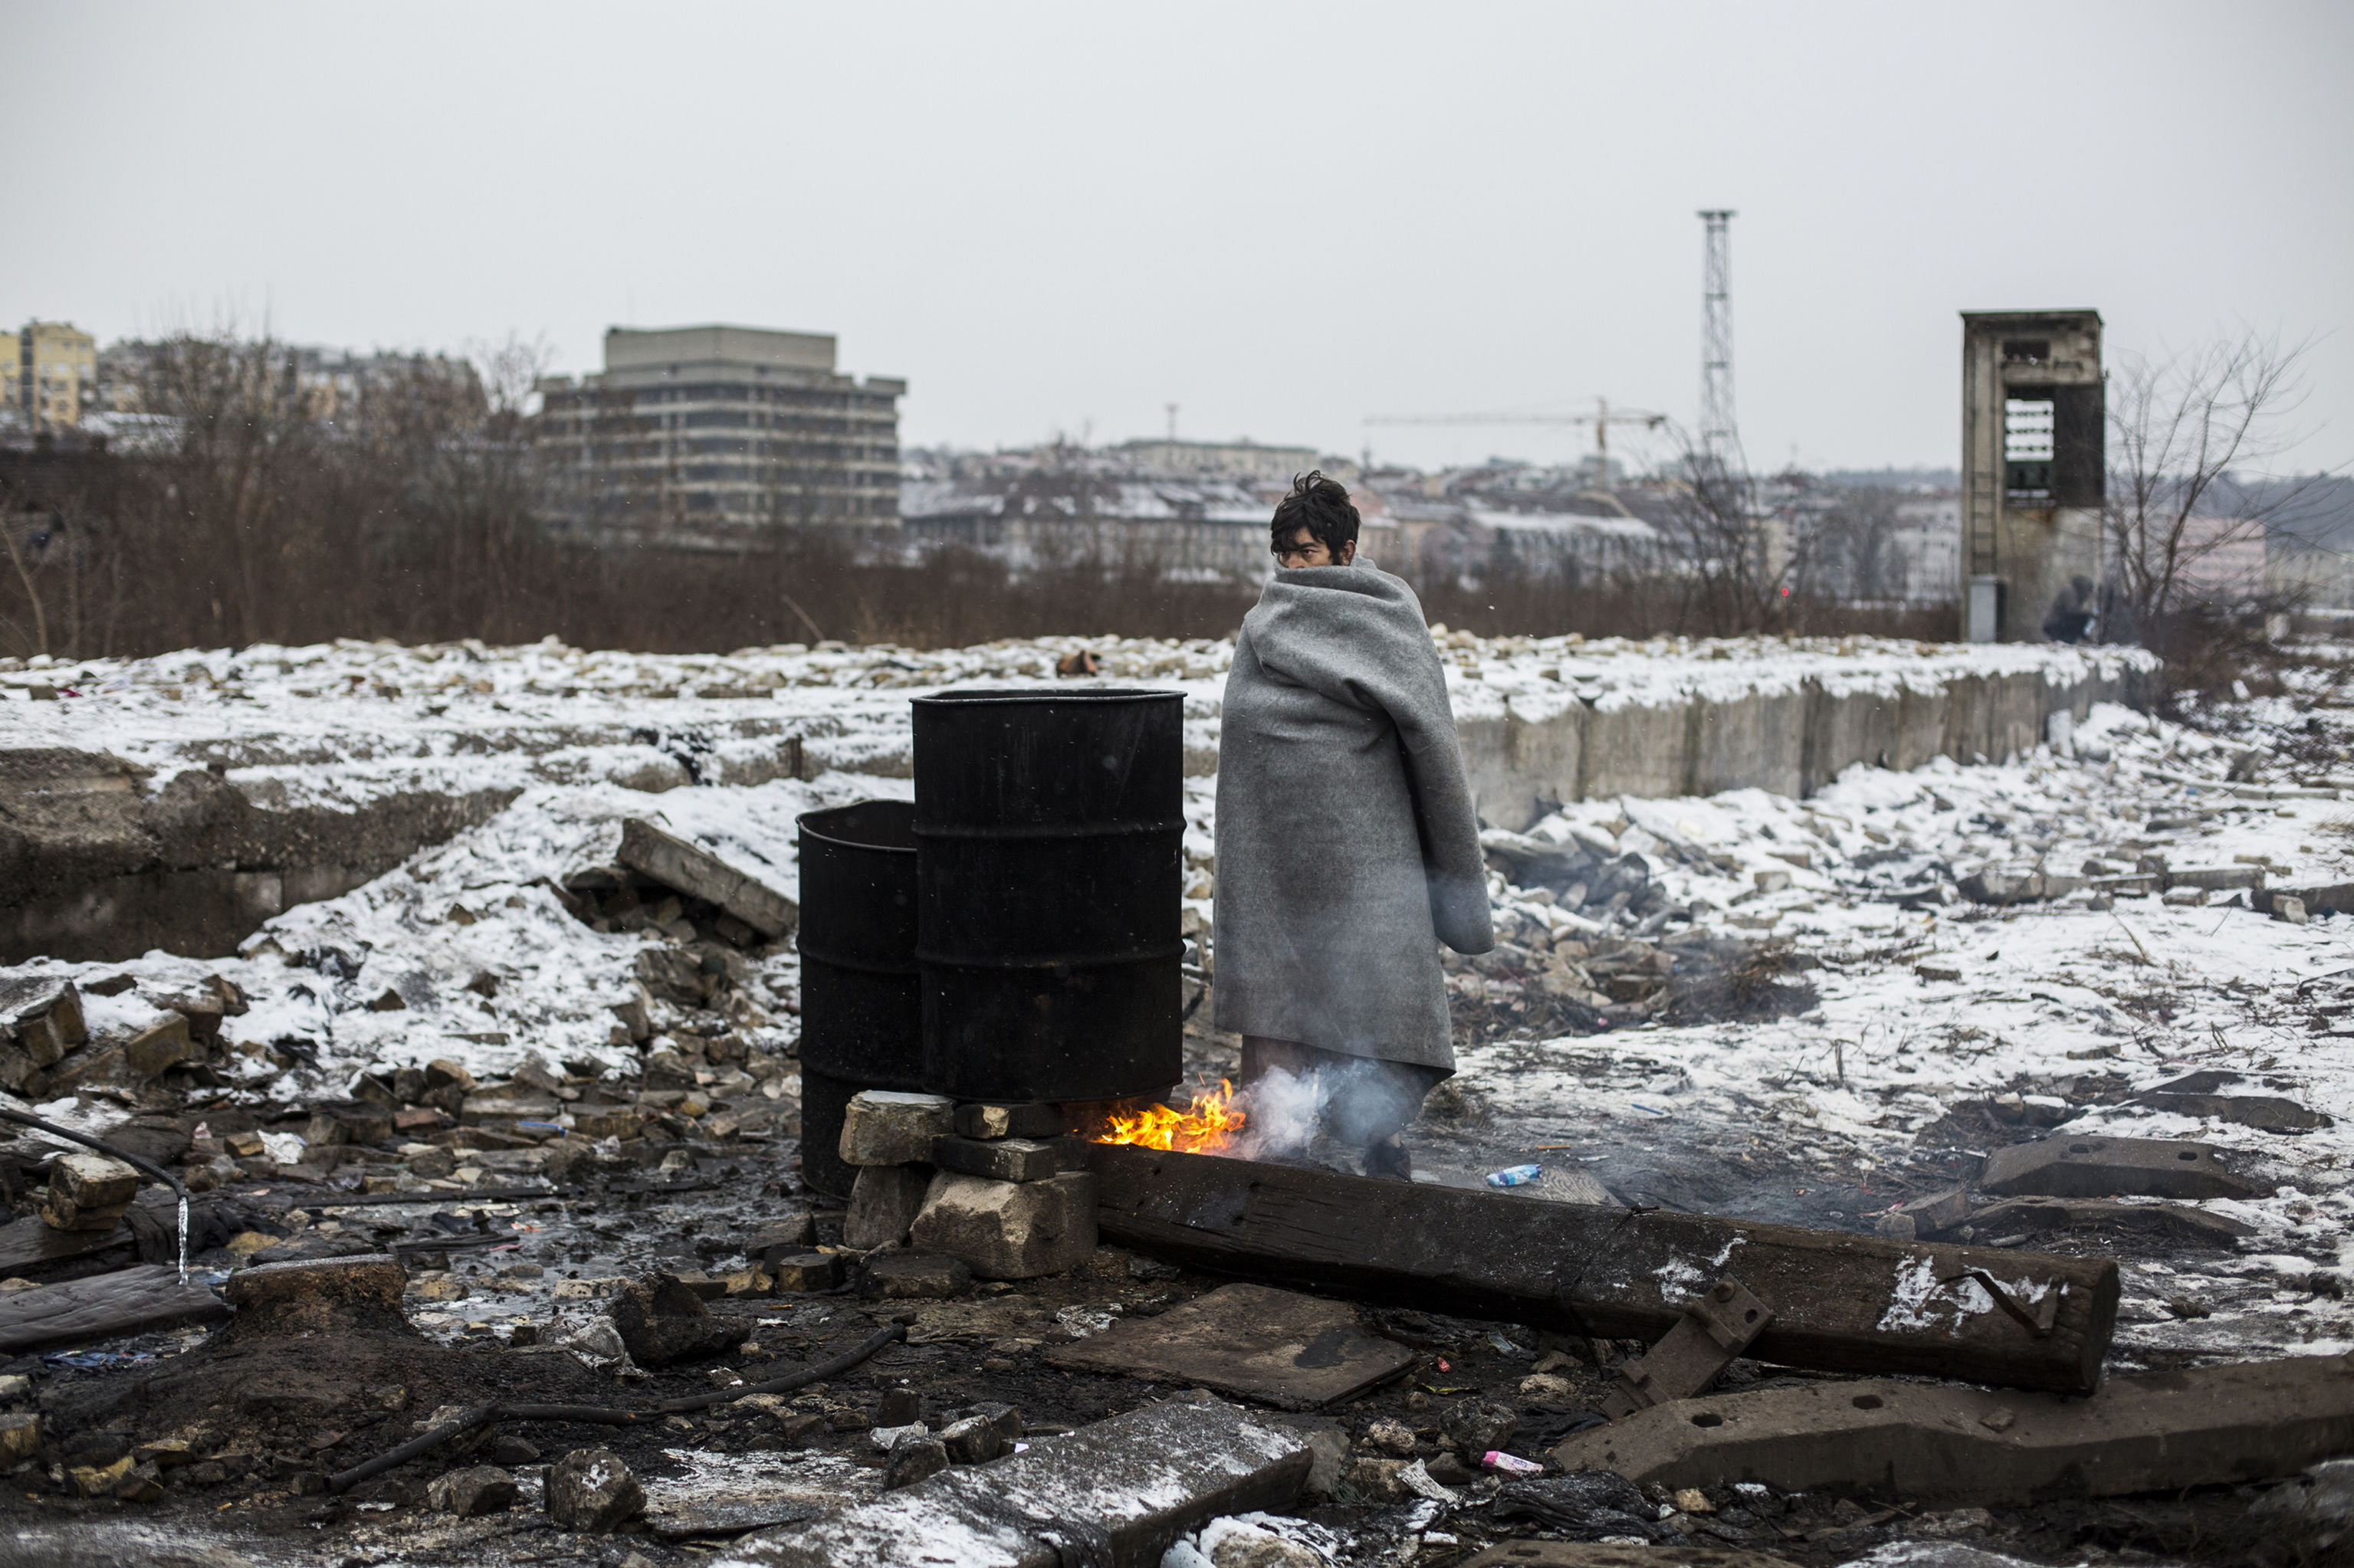 Alejandro Martinez Velez, Spain. Migrants in Belgrade.